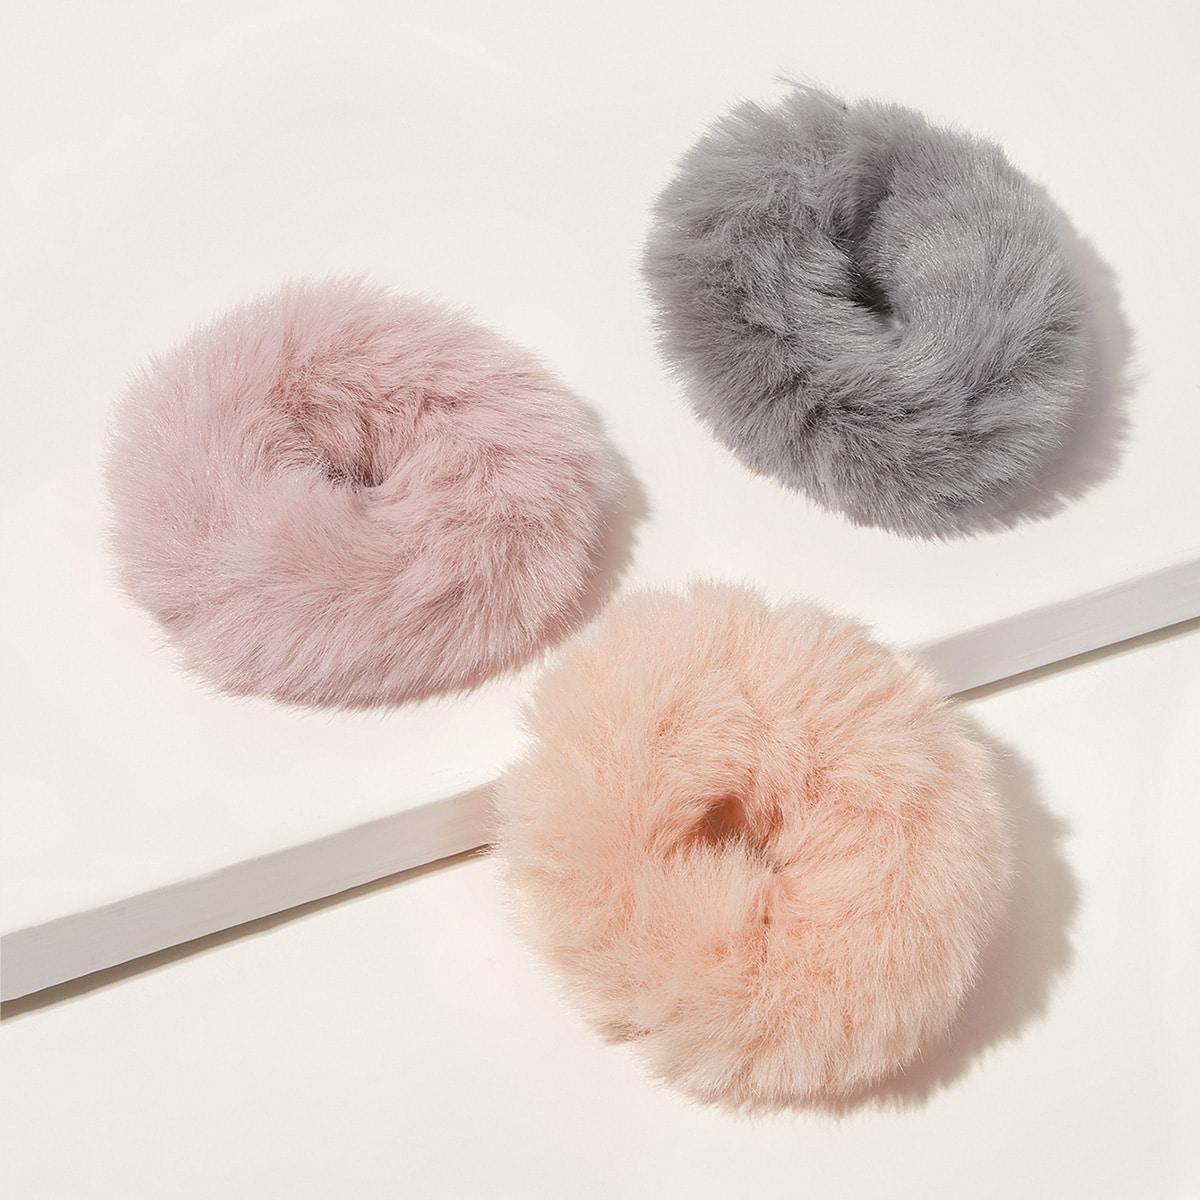 Резинки Для Волос Из Искусственного Меха 3 пары от SHEIN